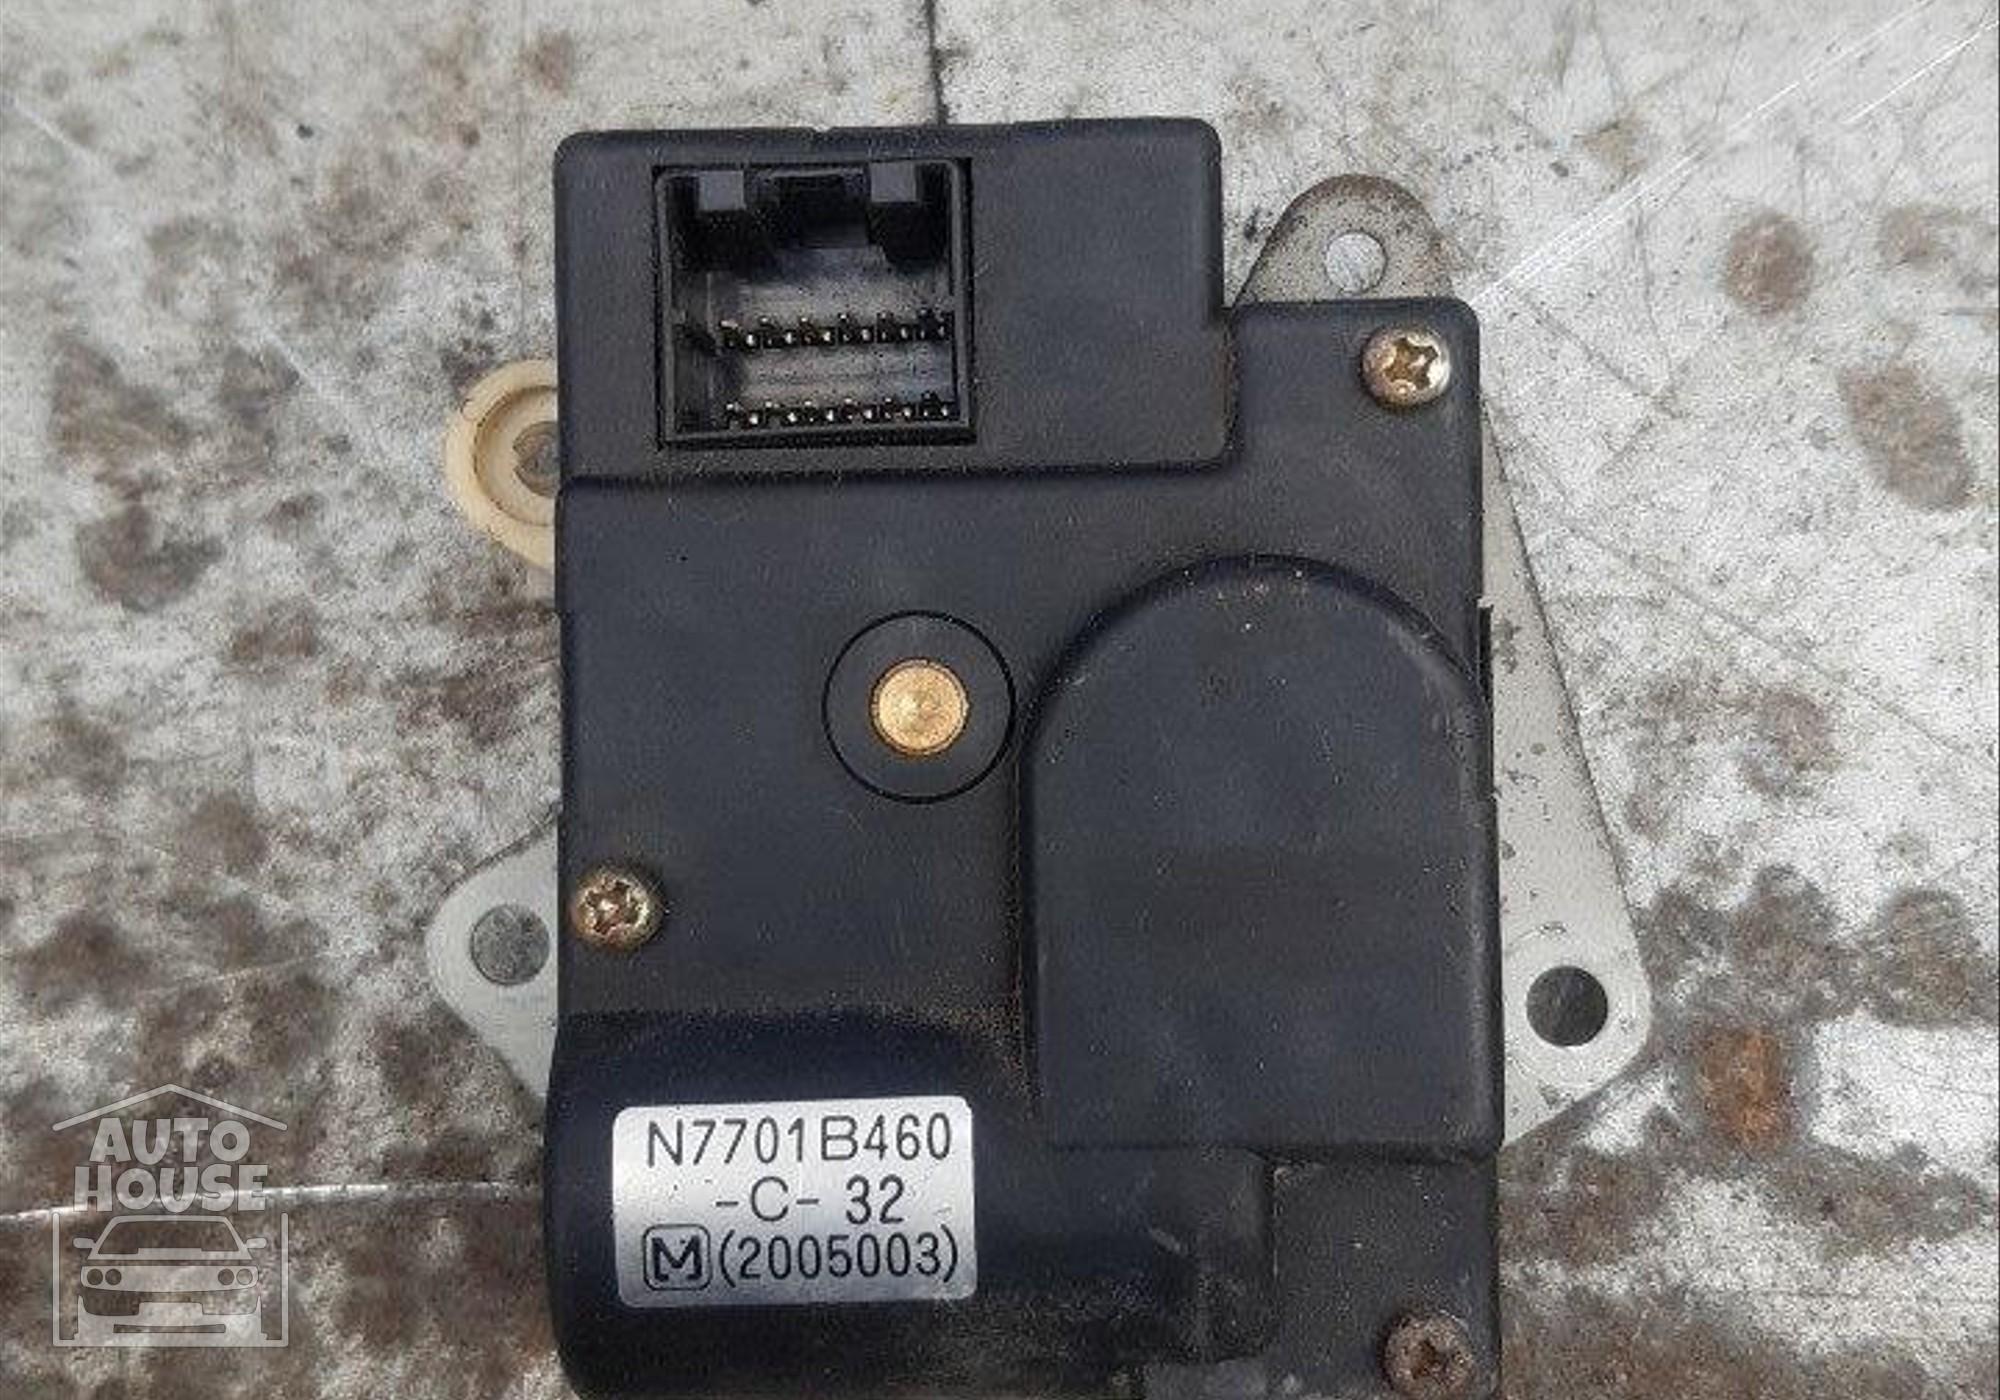 Моторчик привода заслонок отопителя для Mazda Familia VI (с 1987 по 2000)